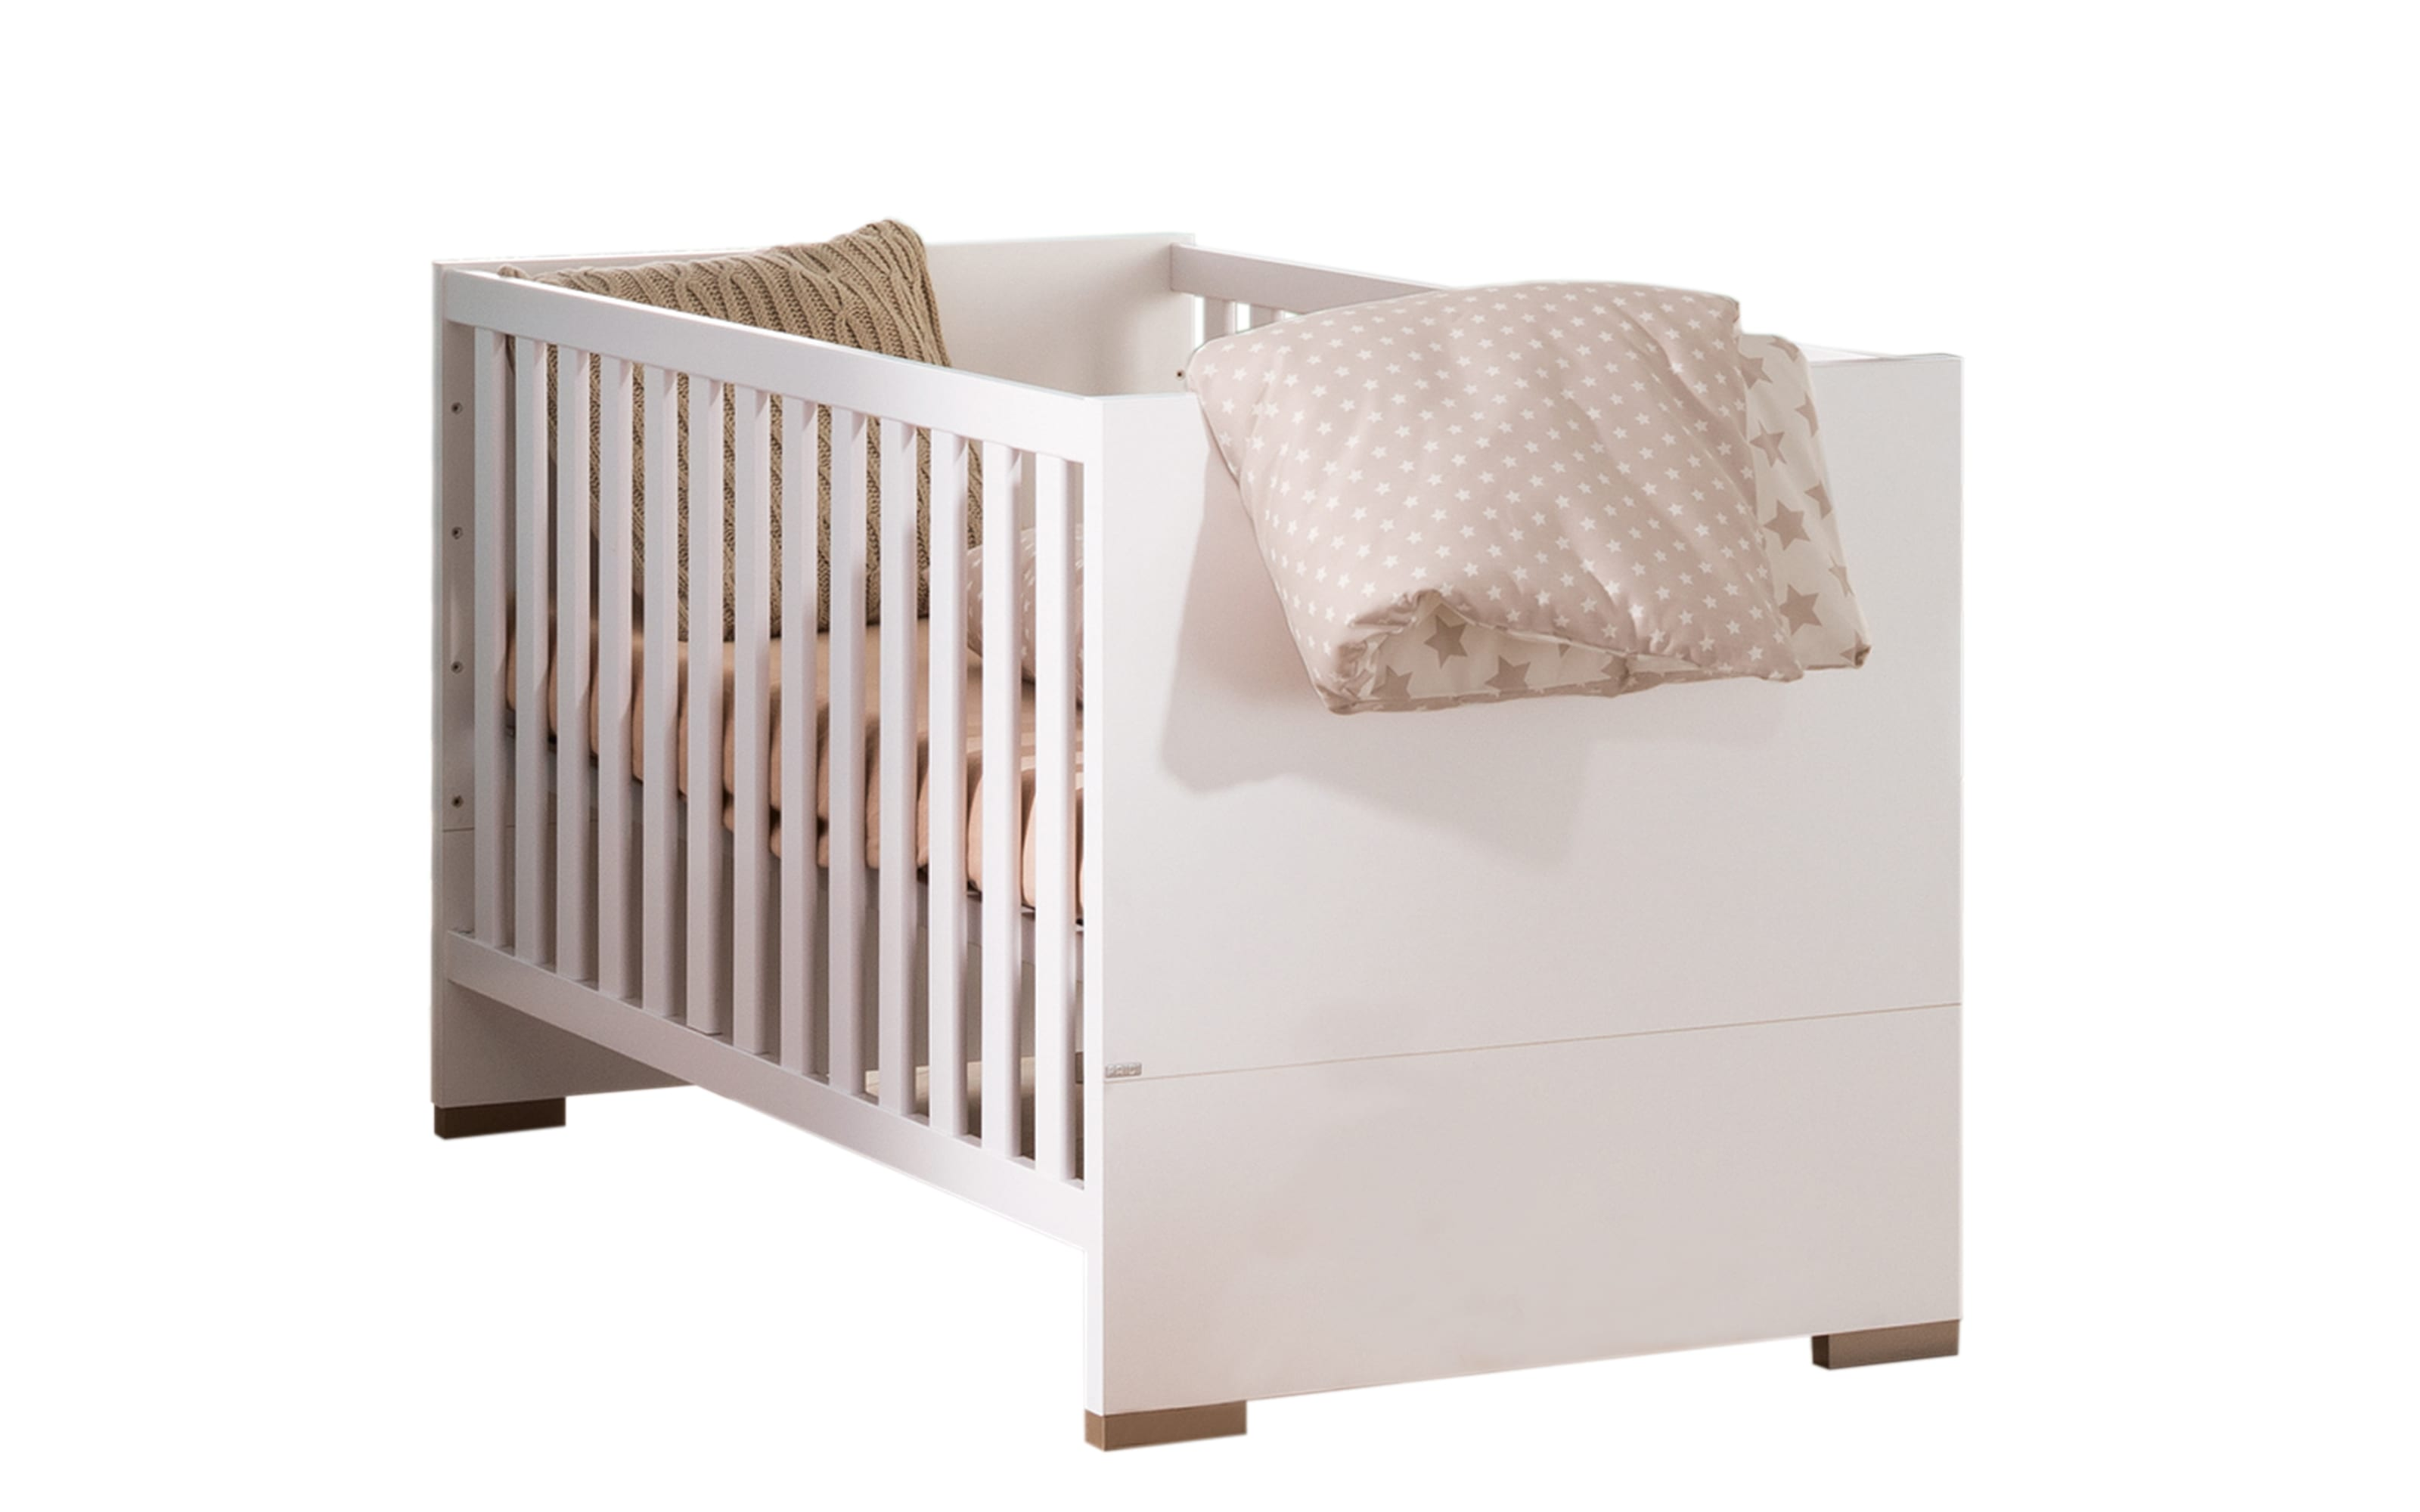 Kinderbett Carlo in kreideweiß